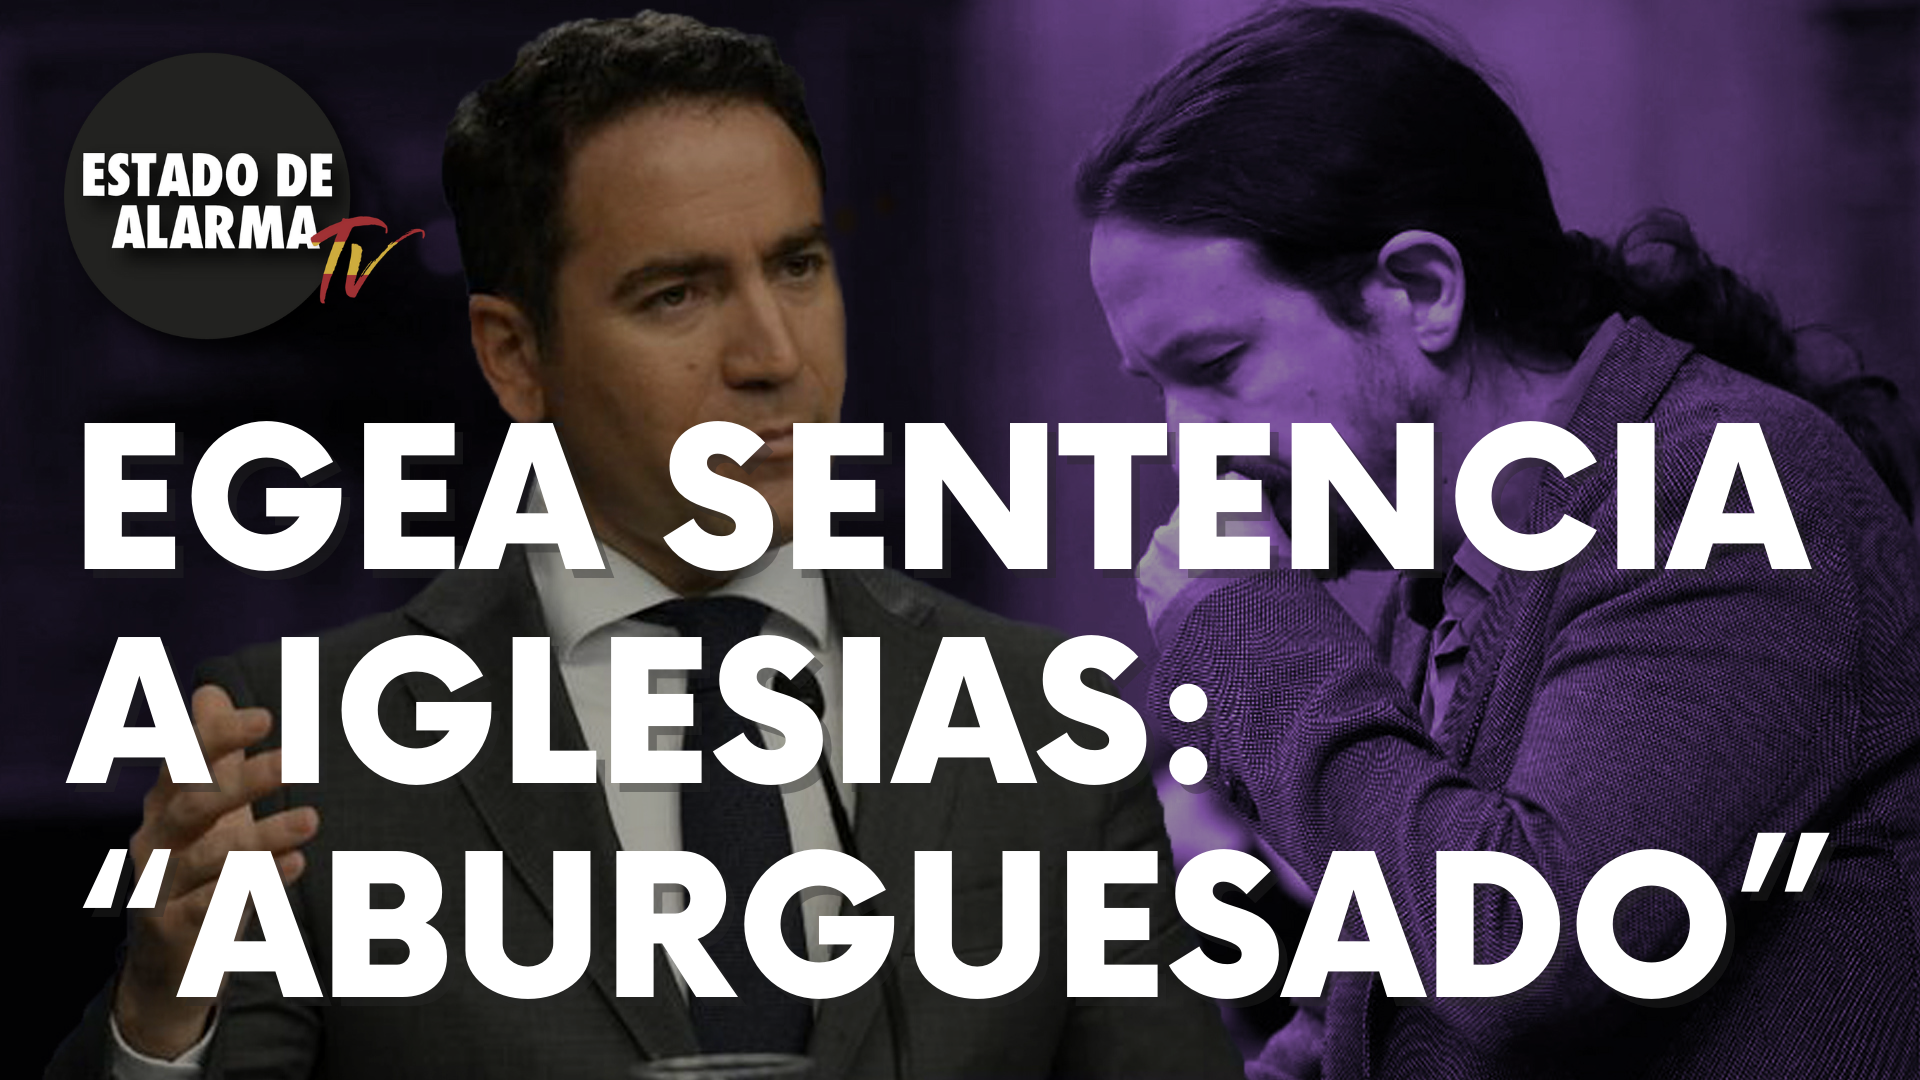 """Egea sentencia a Iglesias: """"Antisistema aburguesado"""""""